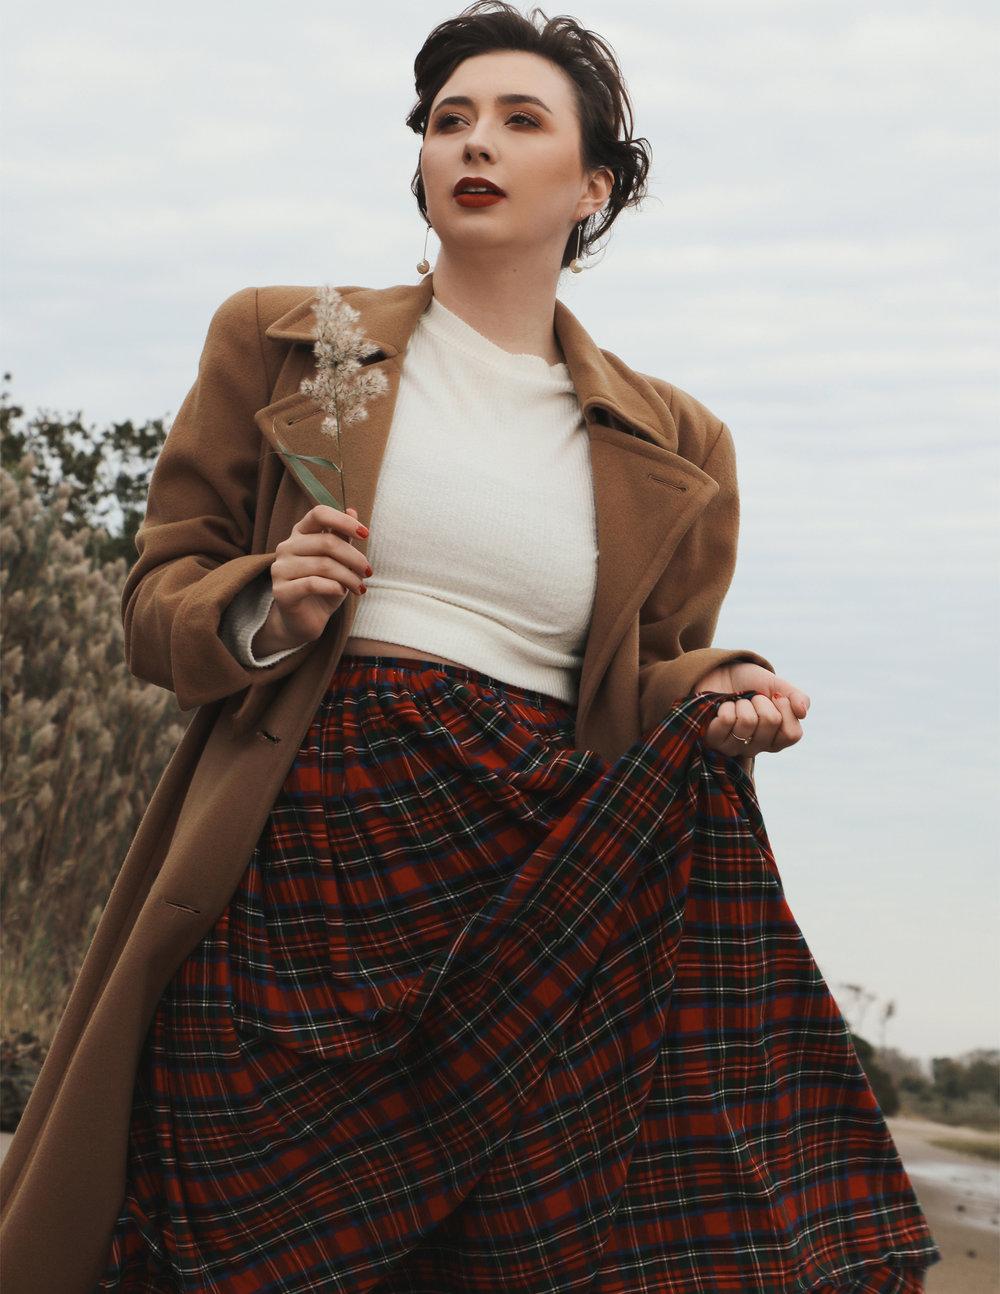 Coat - Vintage Sweater - Thrifted Skirt - Sonnet CXVI Earrings - Jeanne Danjou